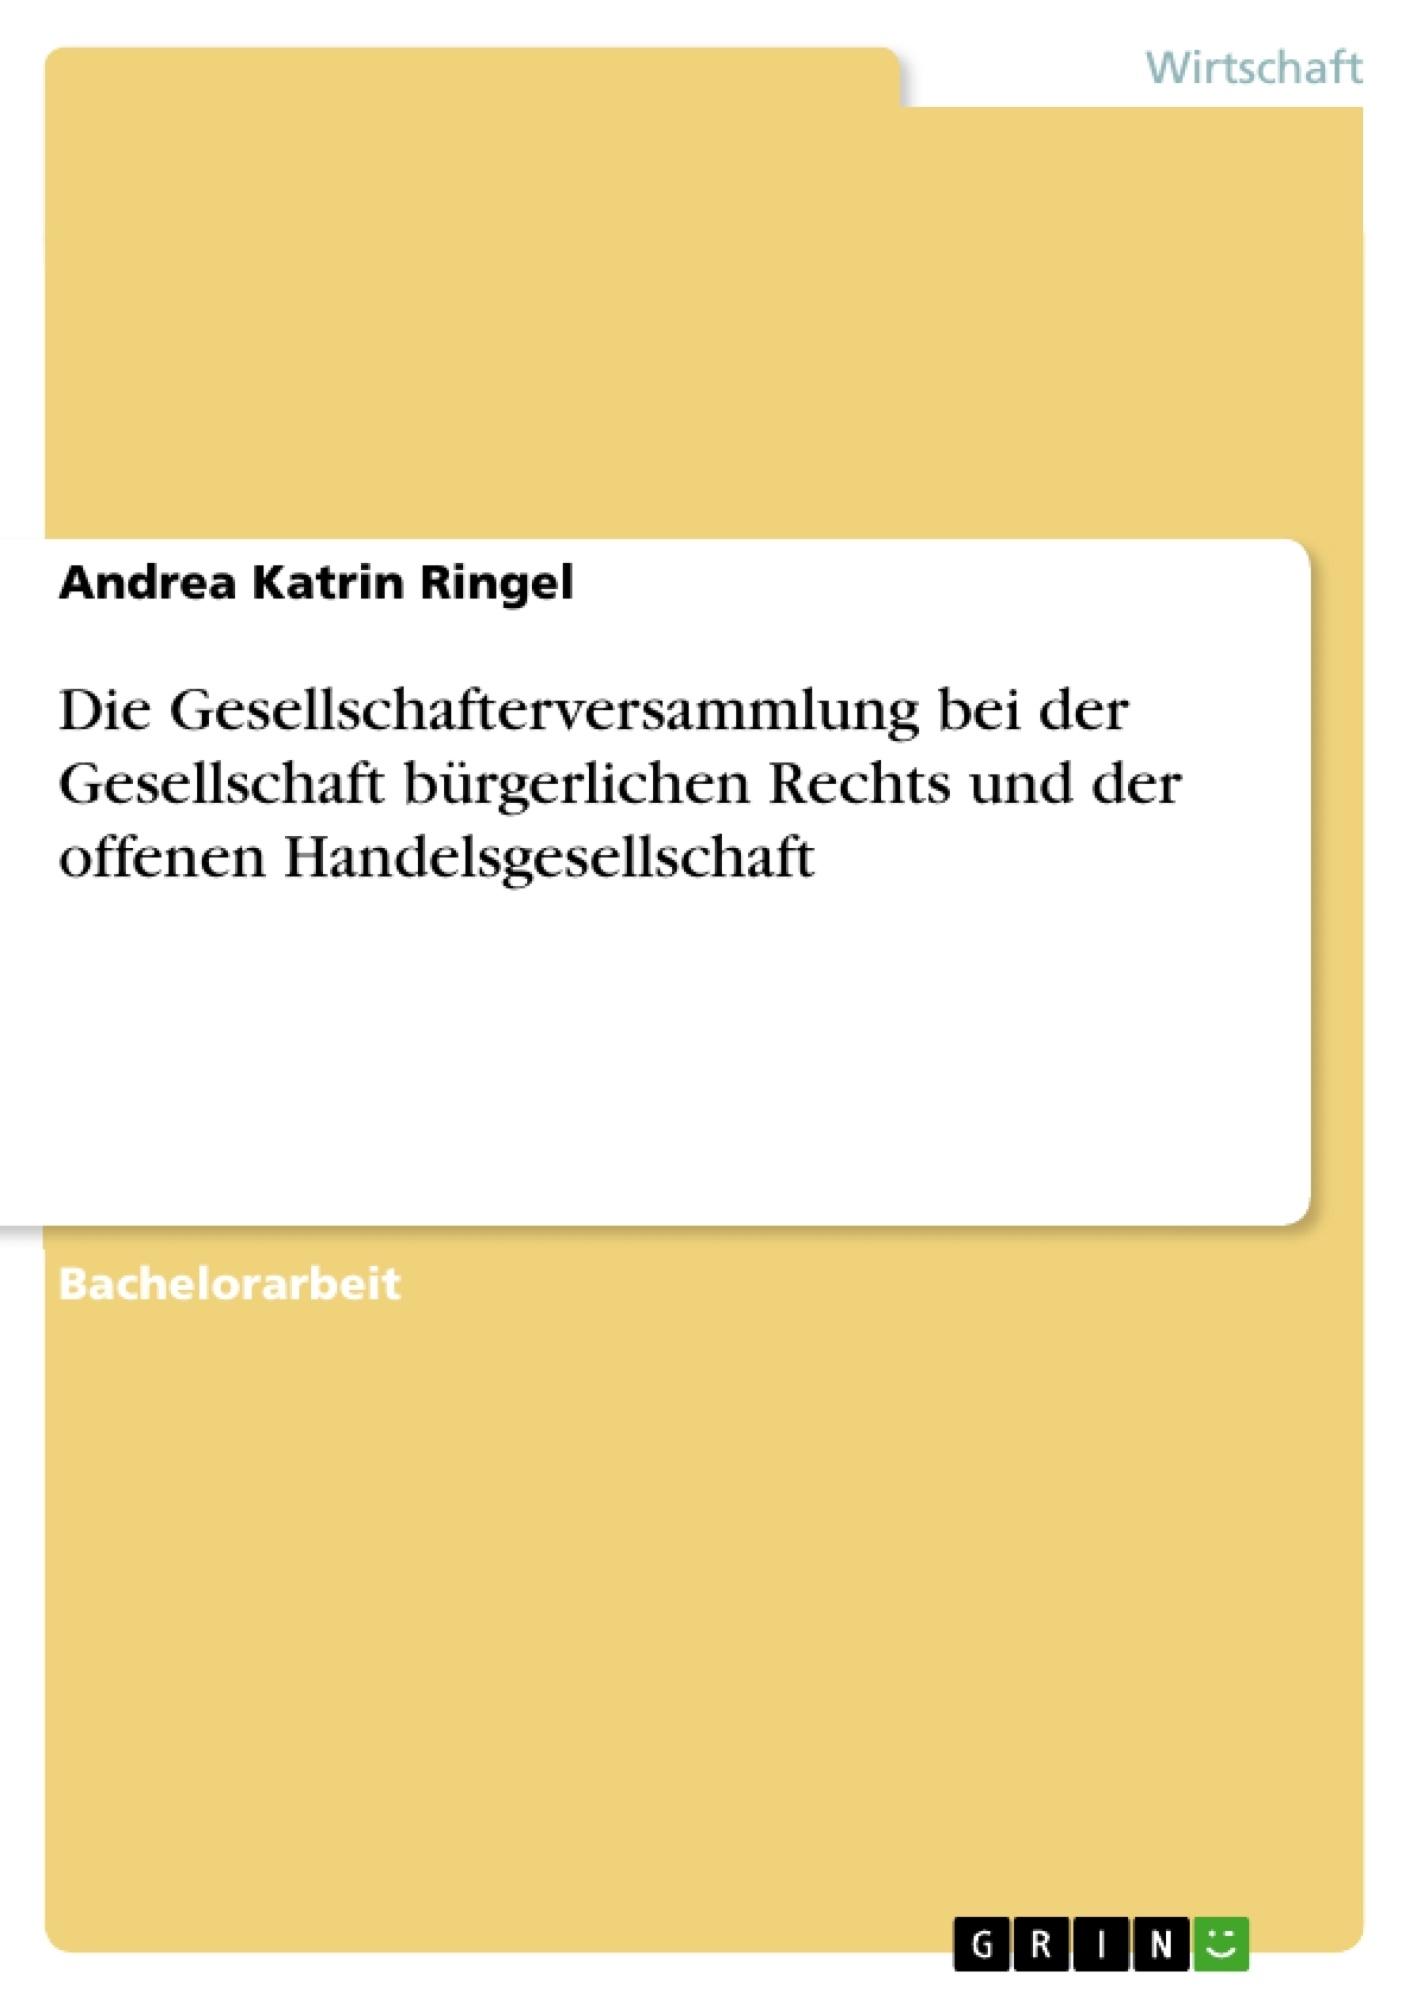 dissertation verlag zitieren deutsch